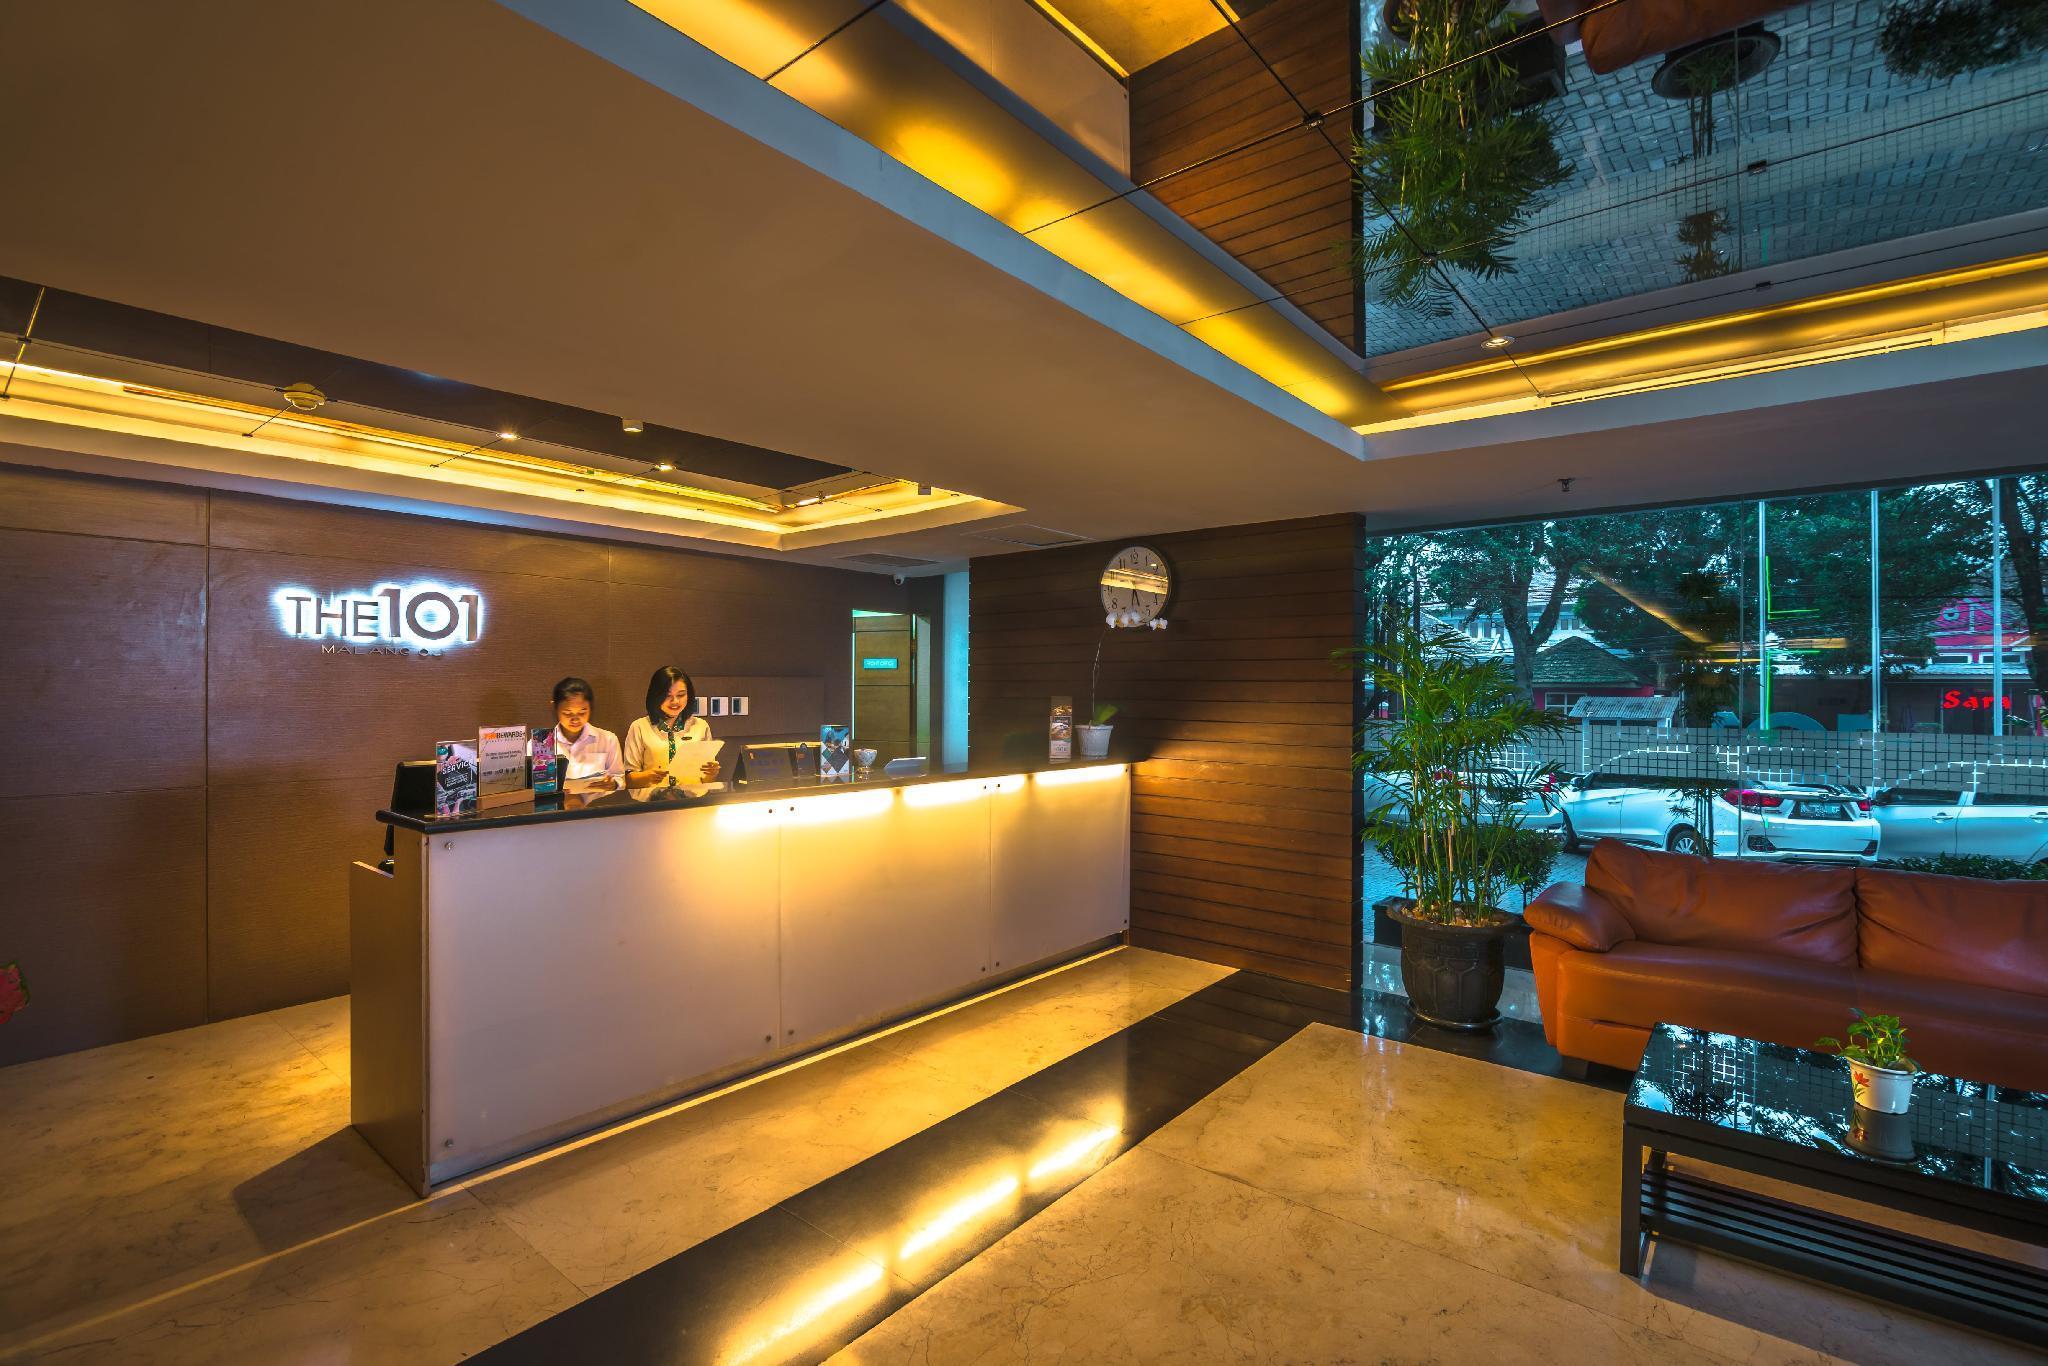 The 1O1 Malang OJ (The 101 Malang OJ)